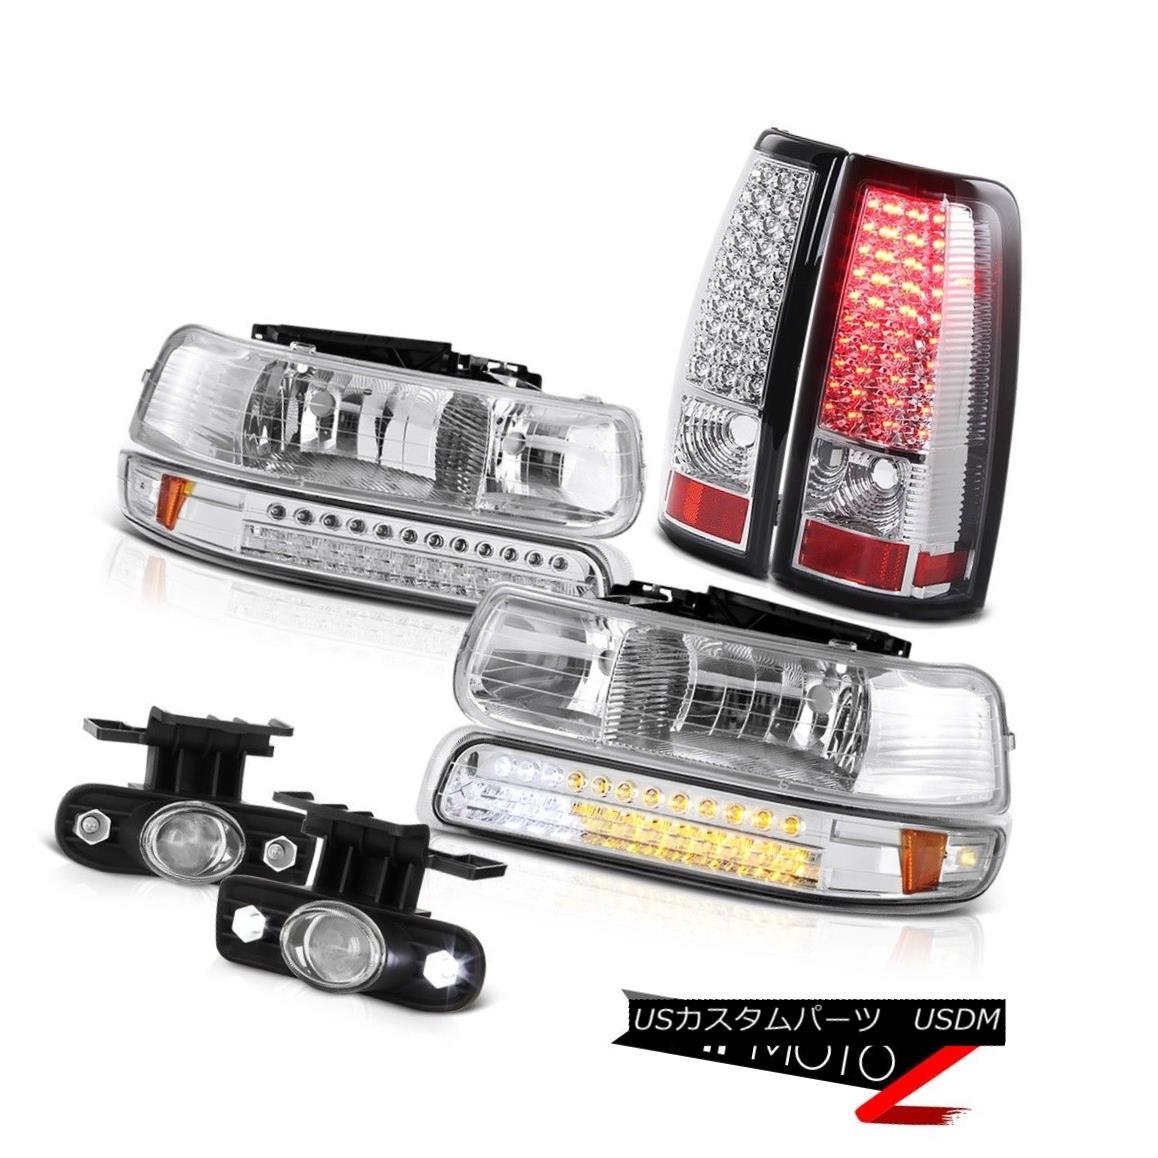 ヘッドライト Crystal SMD Parking Headlights LED Taillamps Bumper Fog 99-02 Silverado 6.0L V8 クリスタルSMDパーキングヘッドライトLEDタイルランプバンパーフォグ99-02 Silverado 6.0L V8